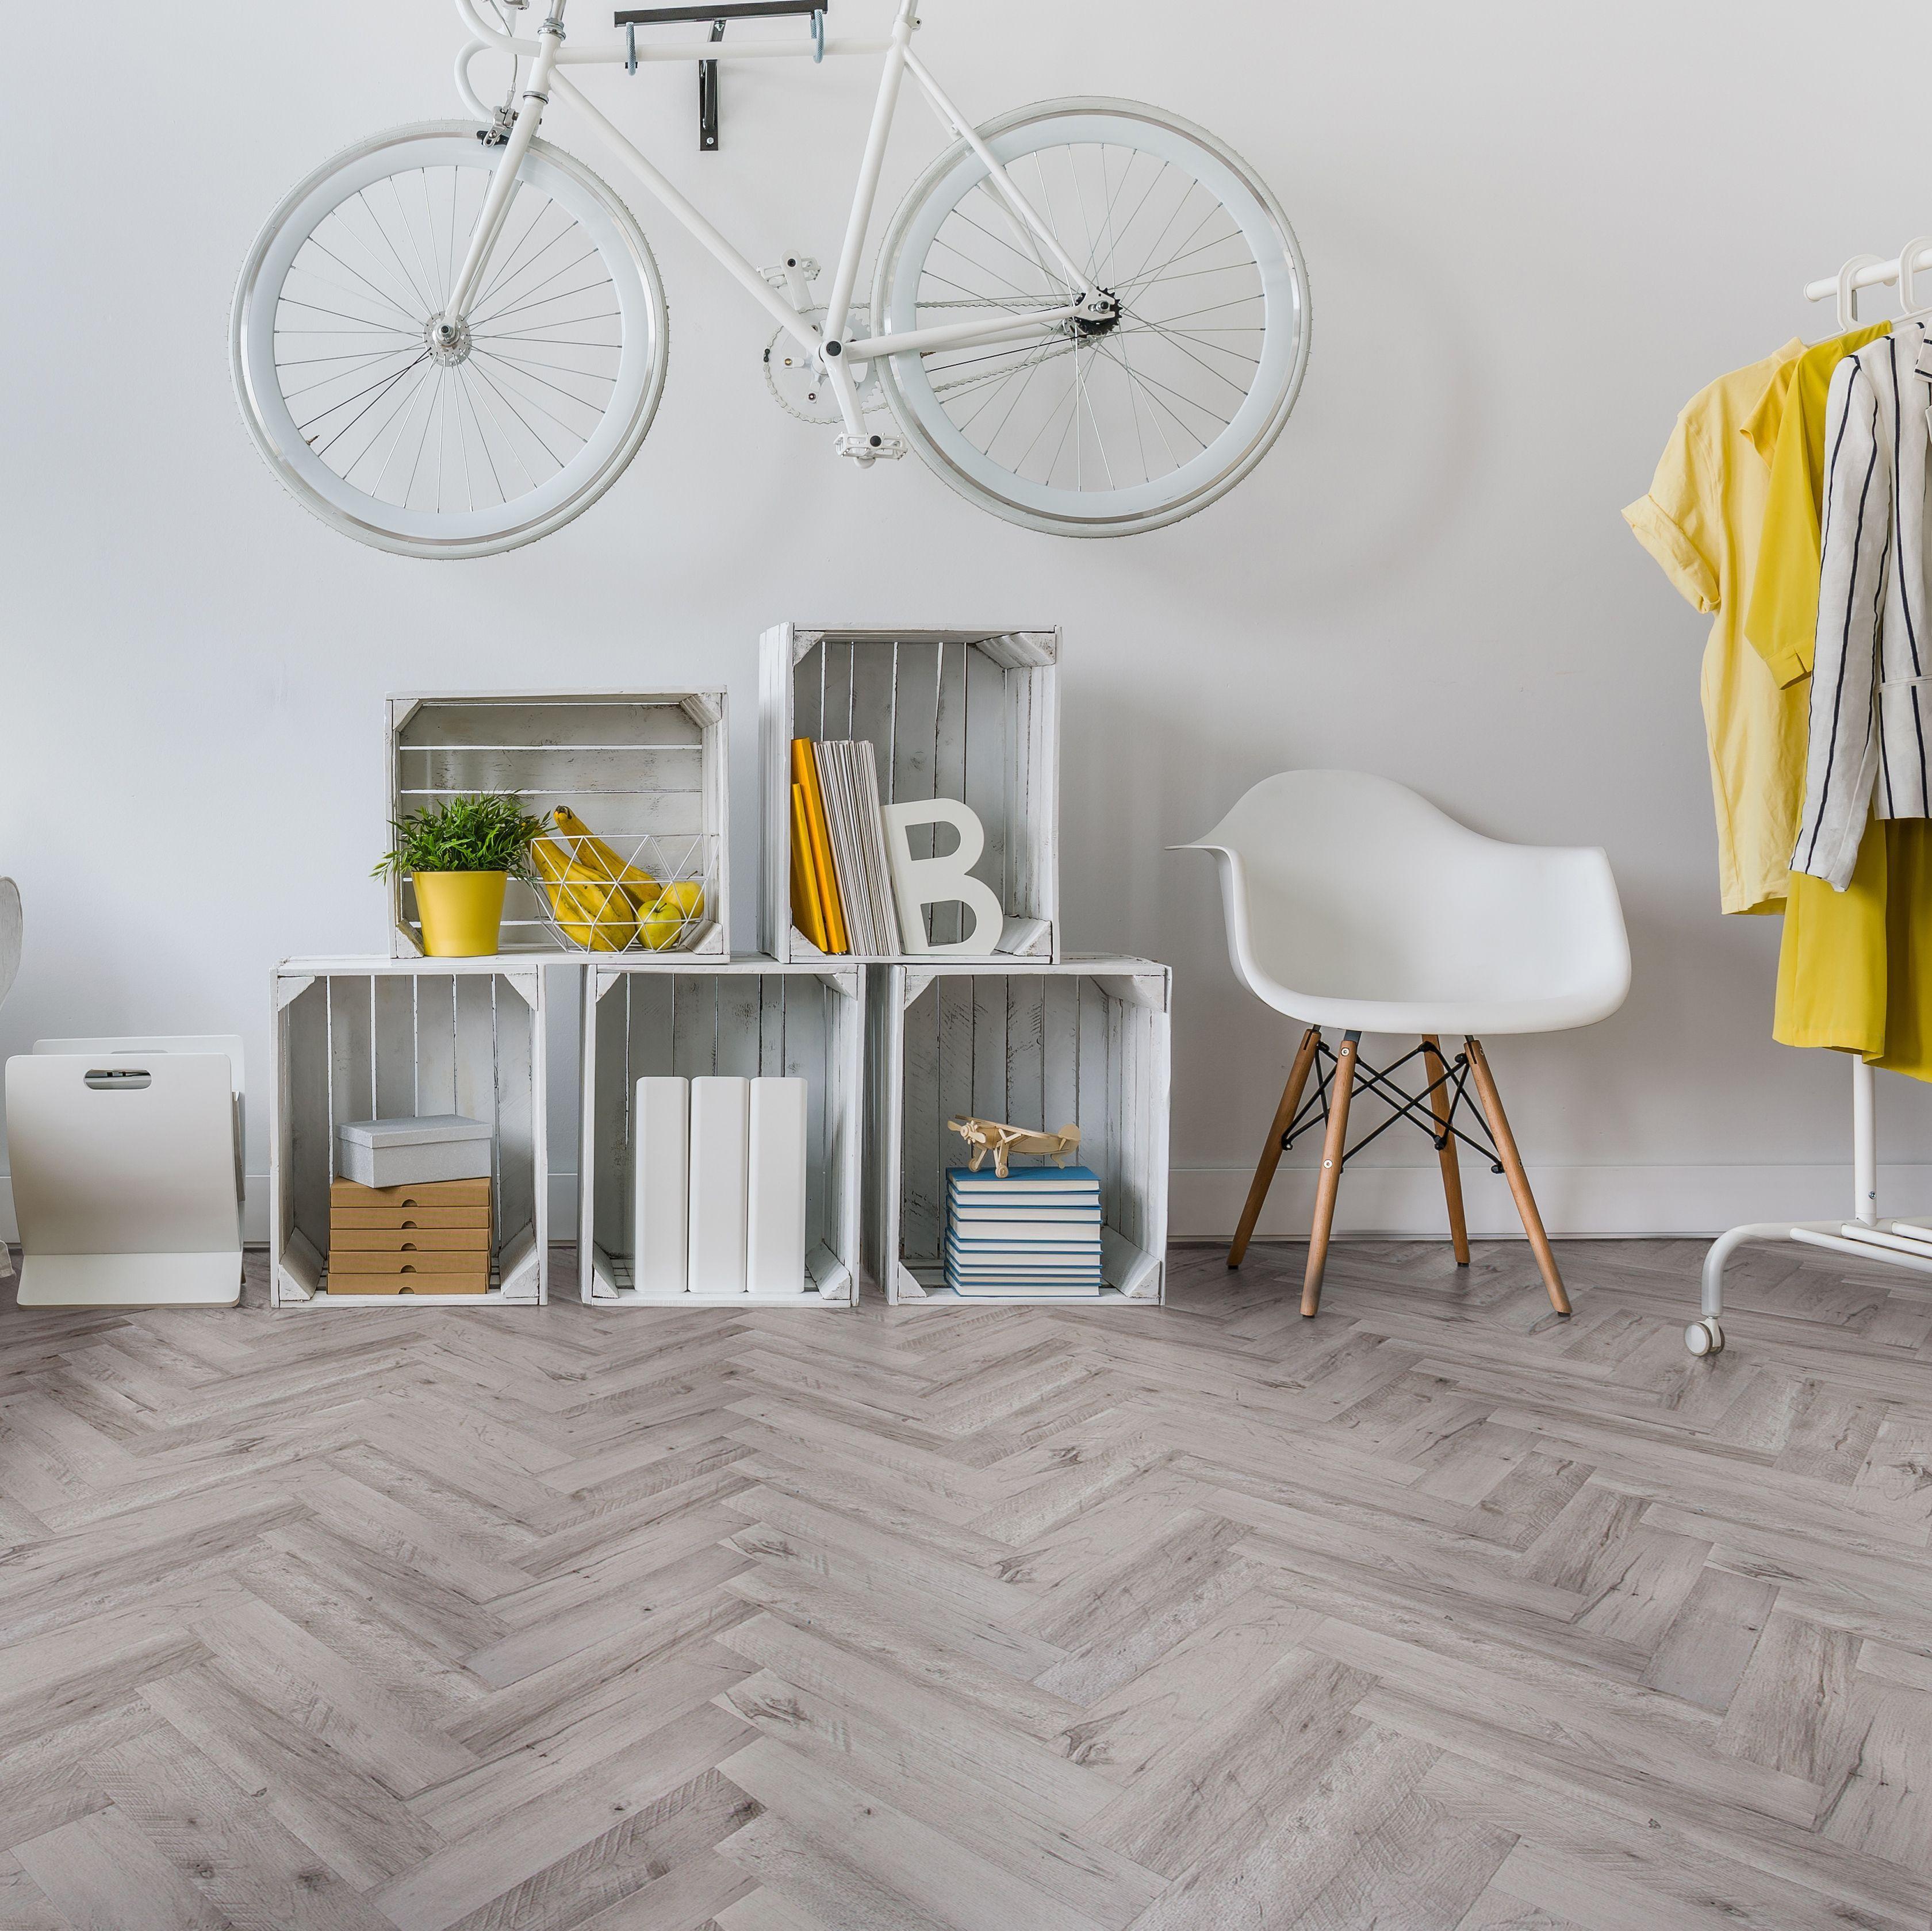 White Natural Oak Effect Waterproof Luxury Vinyl Click Flooring 1 25 Sq M Departments Diy At Luxury Vinyl Click Flooring Click Flooring Living Room Carpet